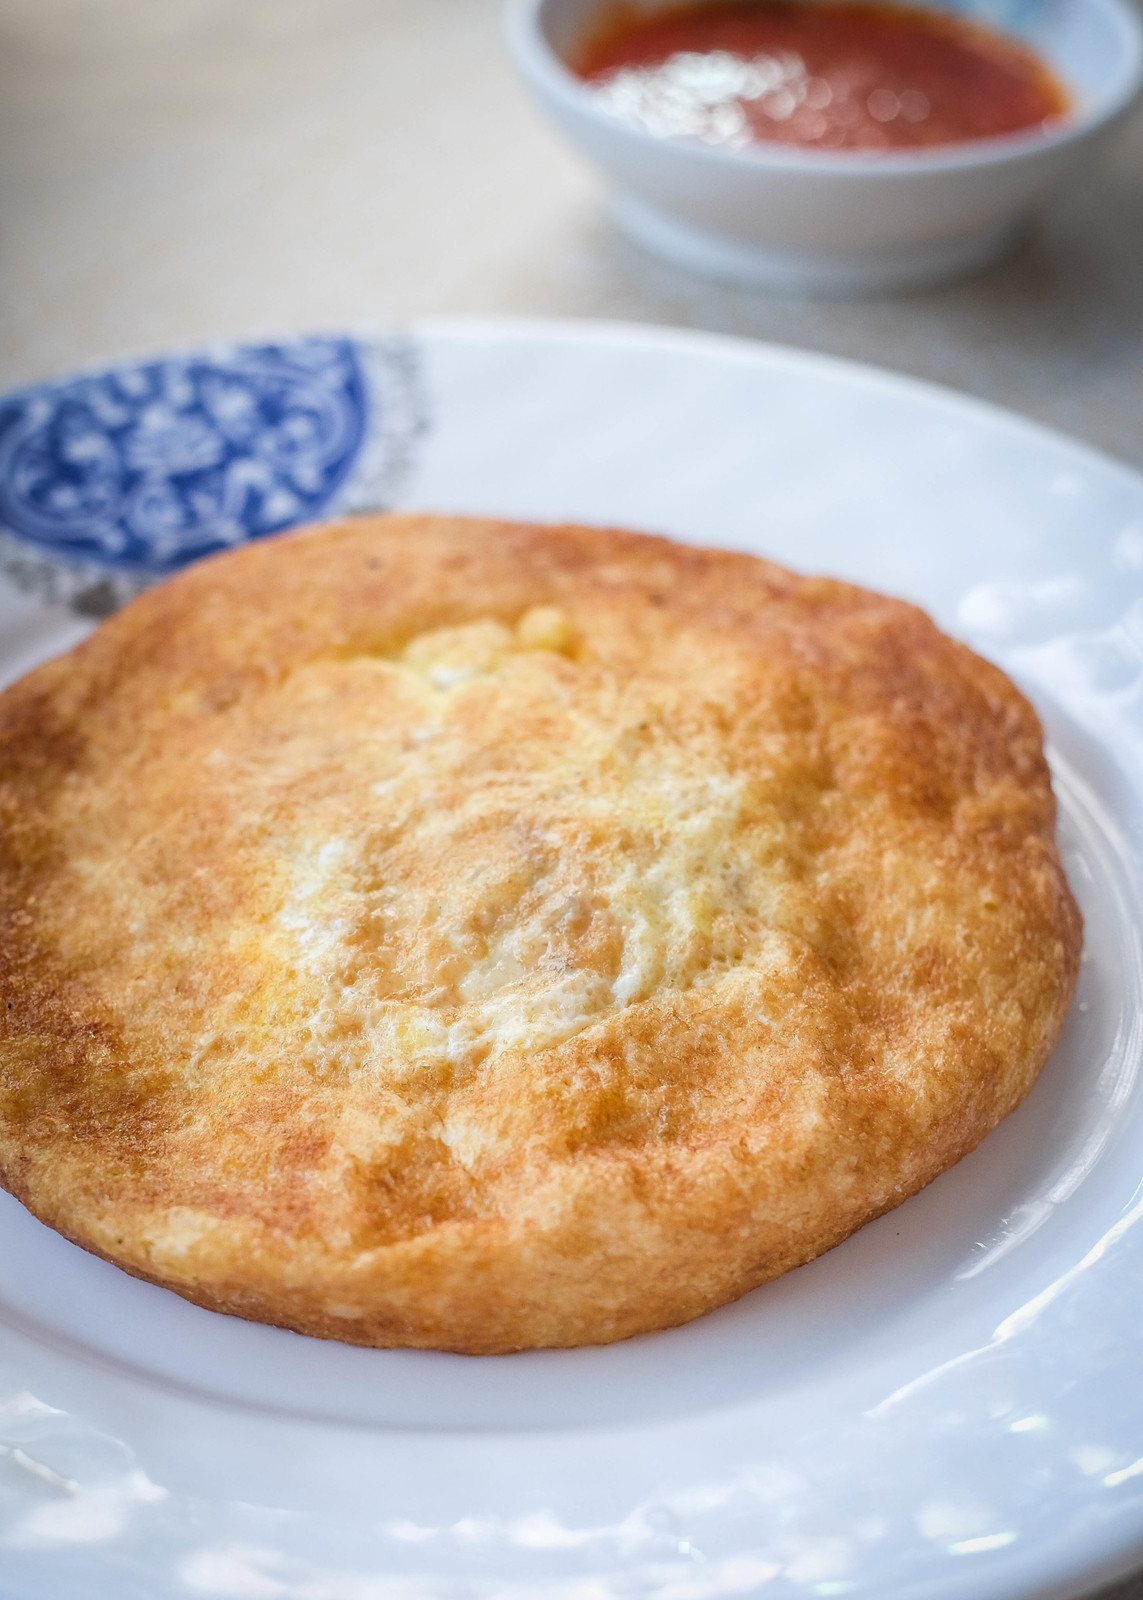 gu zao ren taiwan porridge-7